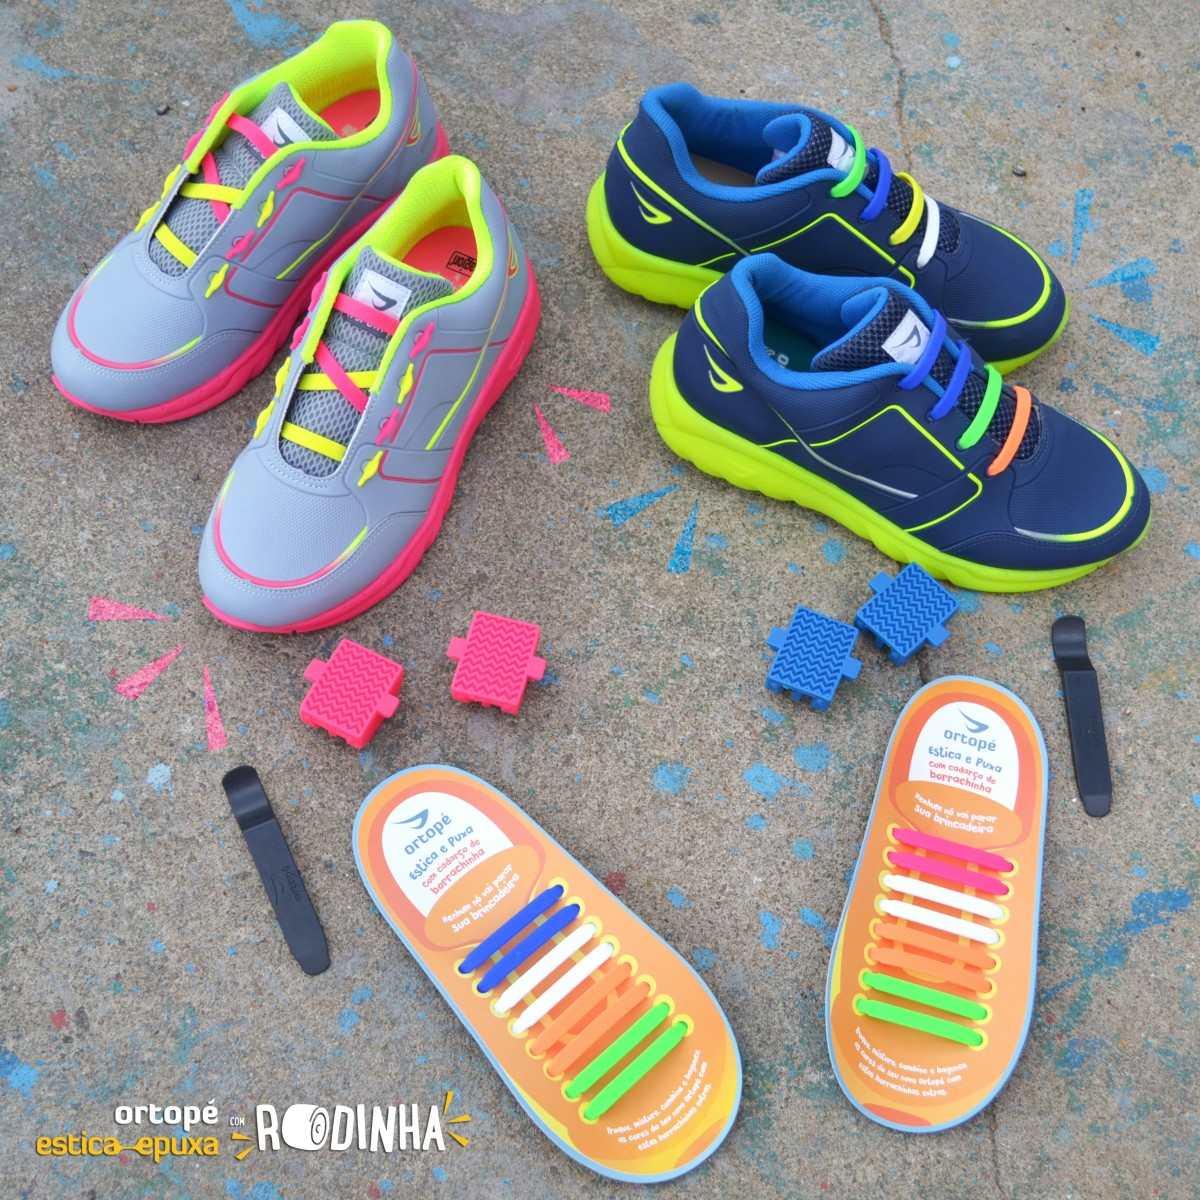 18baa20740 tênis infantil ortopé estica e puxa com rodinha 2200001. Carregando zoom.